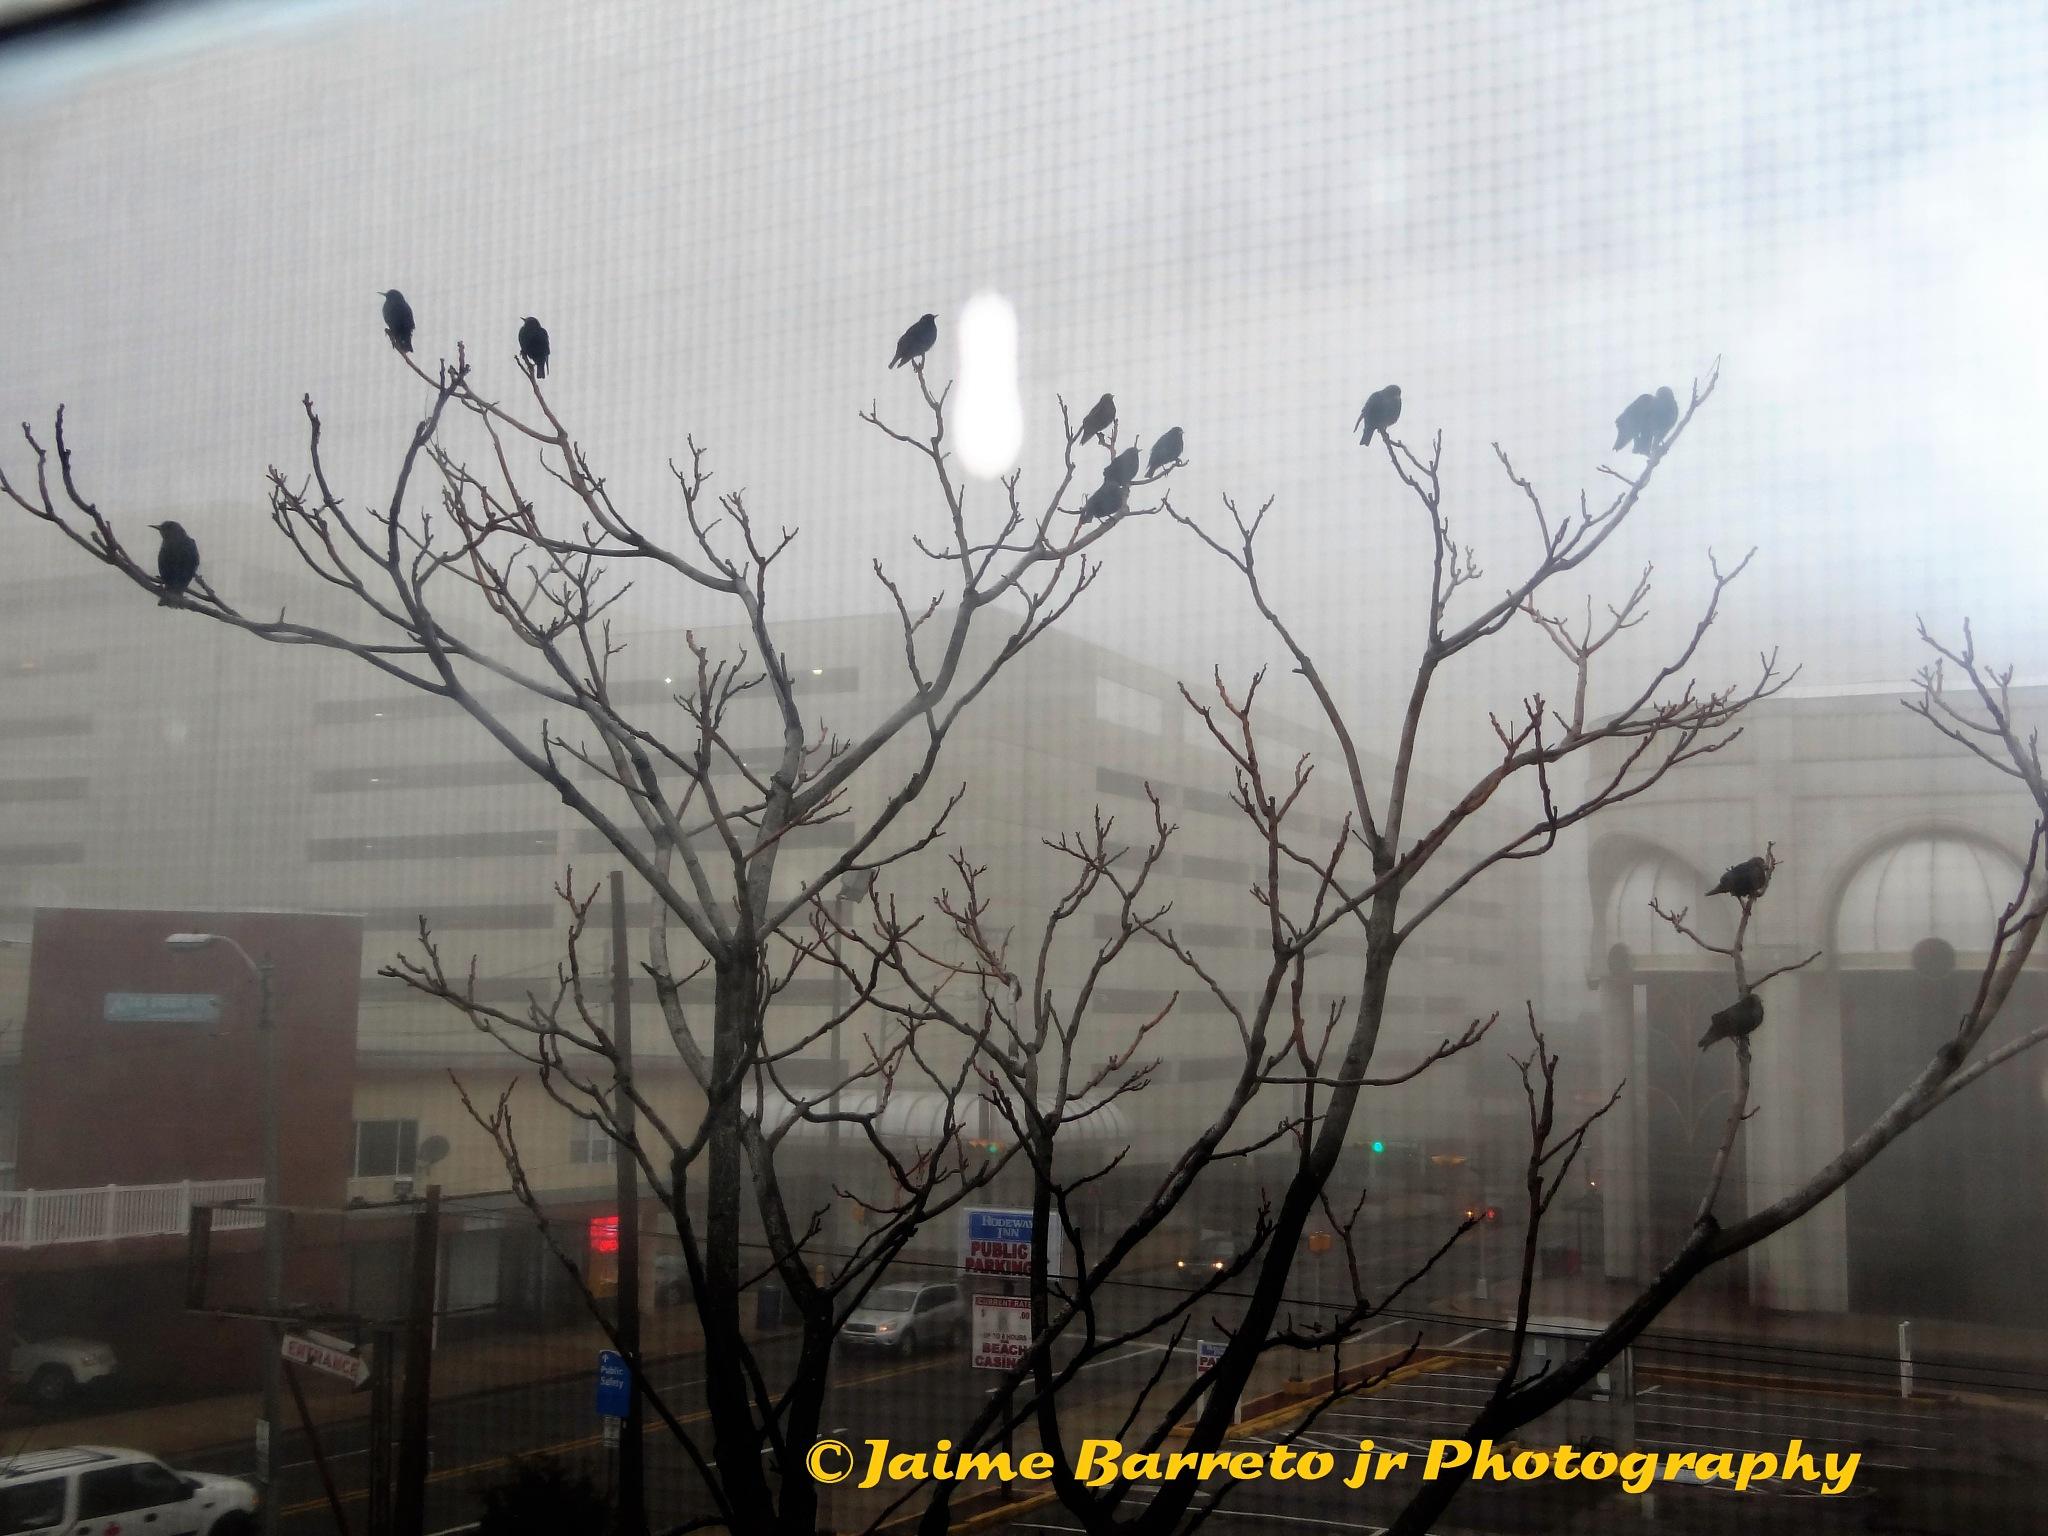 Blackbirds Meeting in AC  by Barreto Jr. Jaime